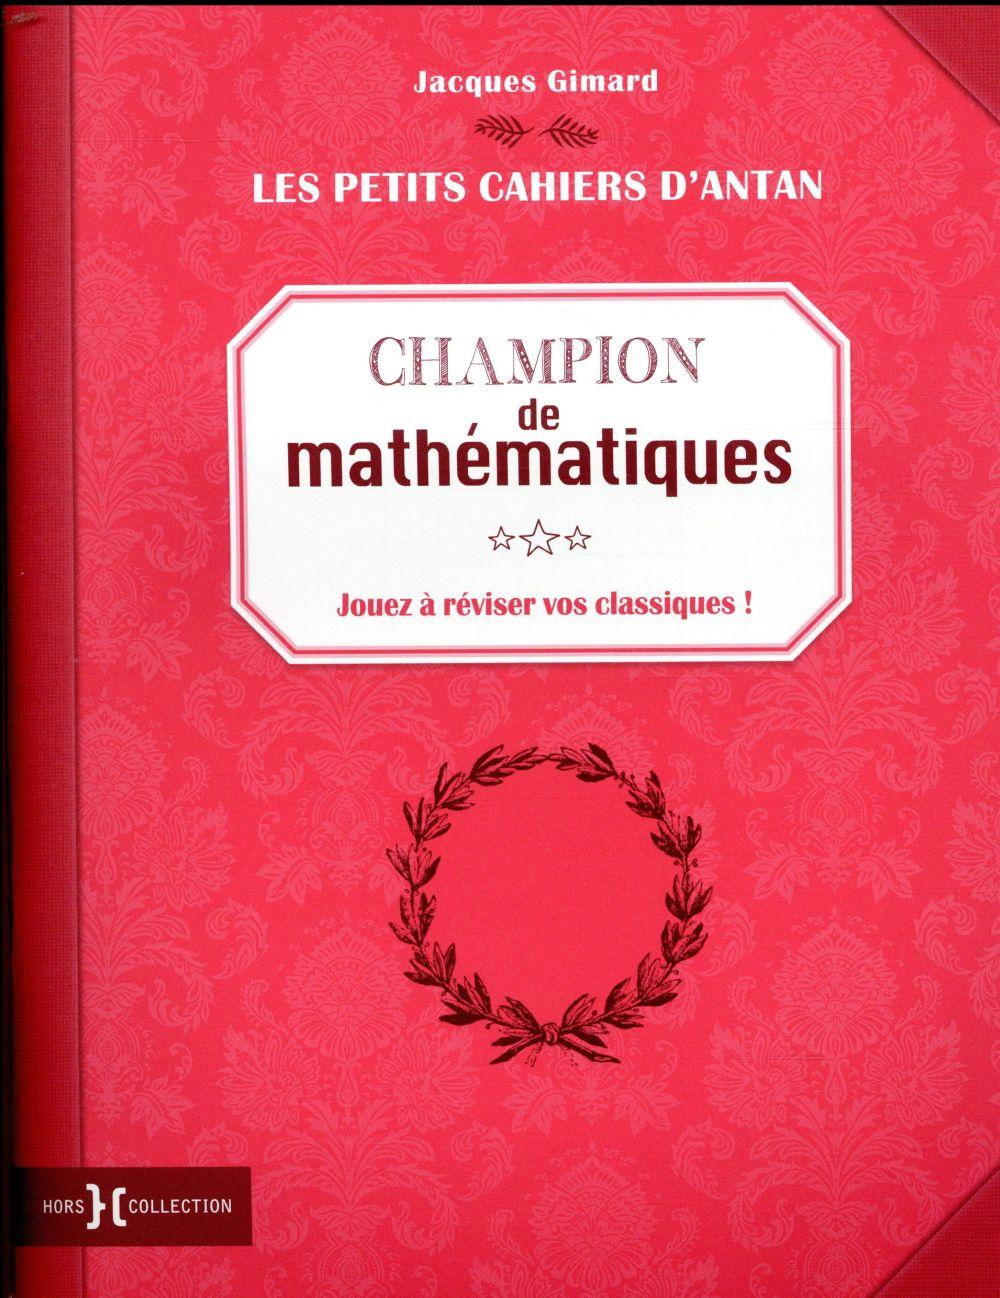 Champion de mathématiques ; jouez à réviser vos classiques